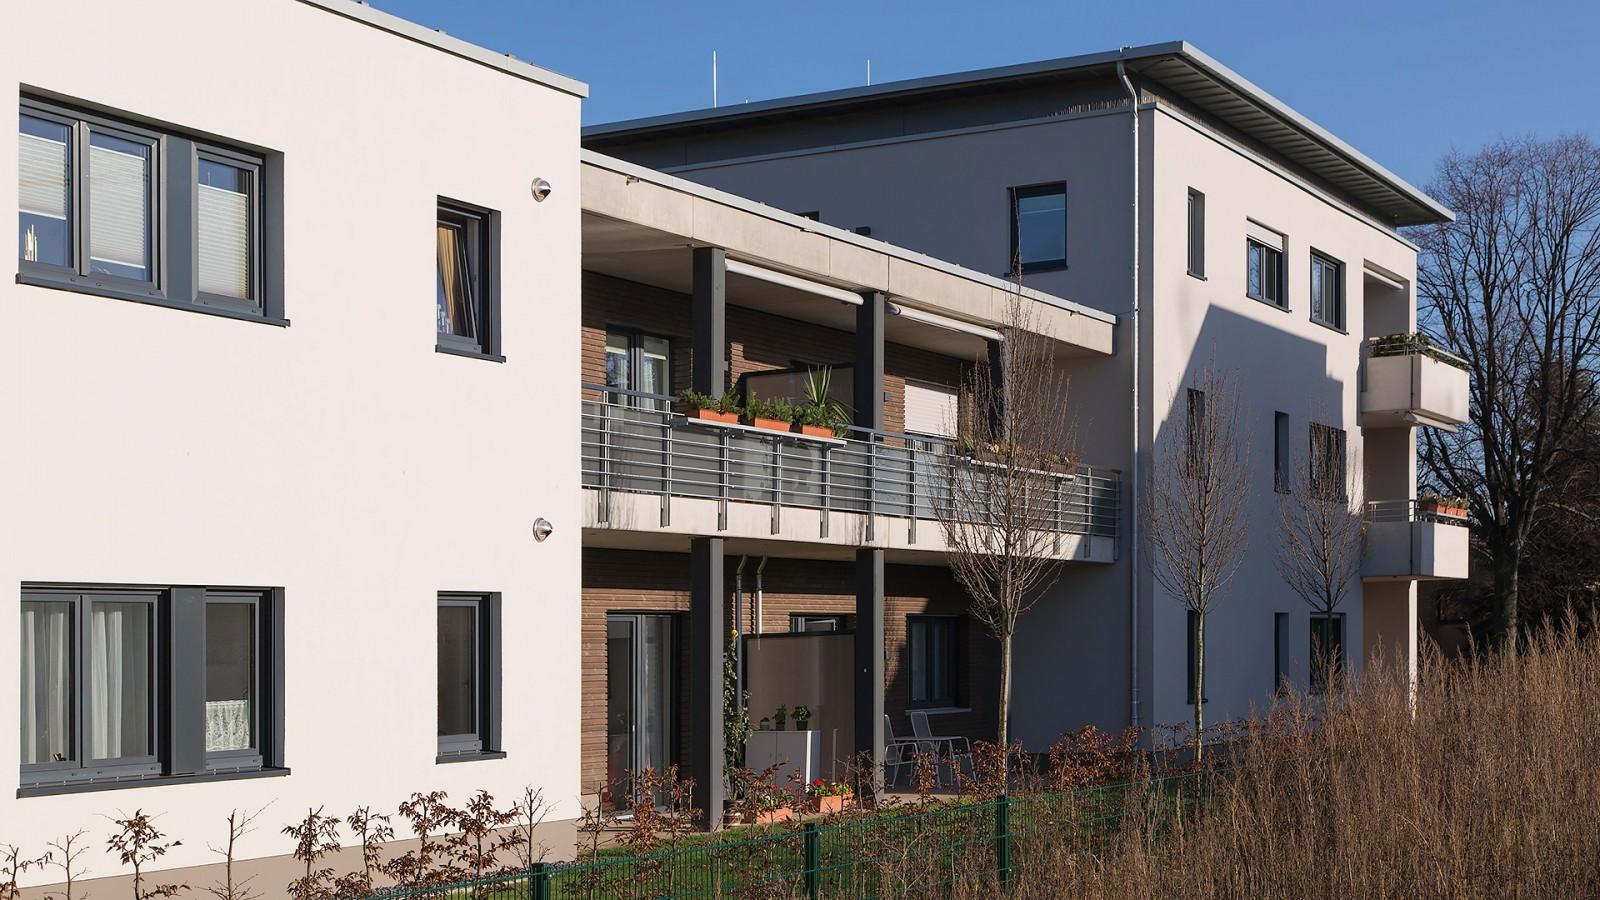 Architekten Hildesheim neubau betreutes wohnen in hildesheim jung architekturbüro